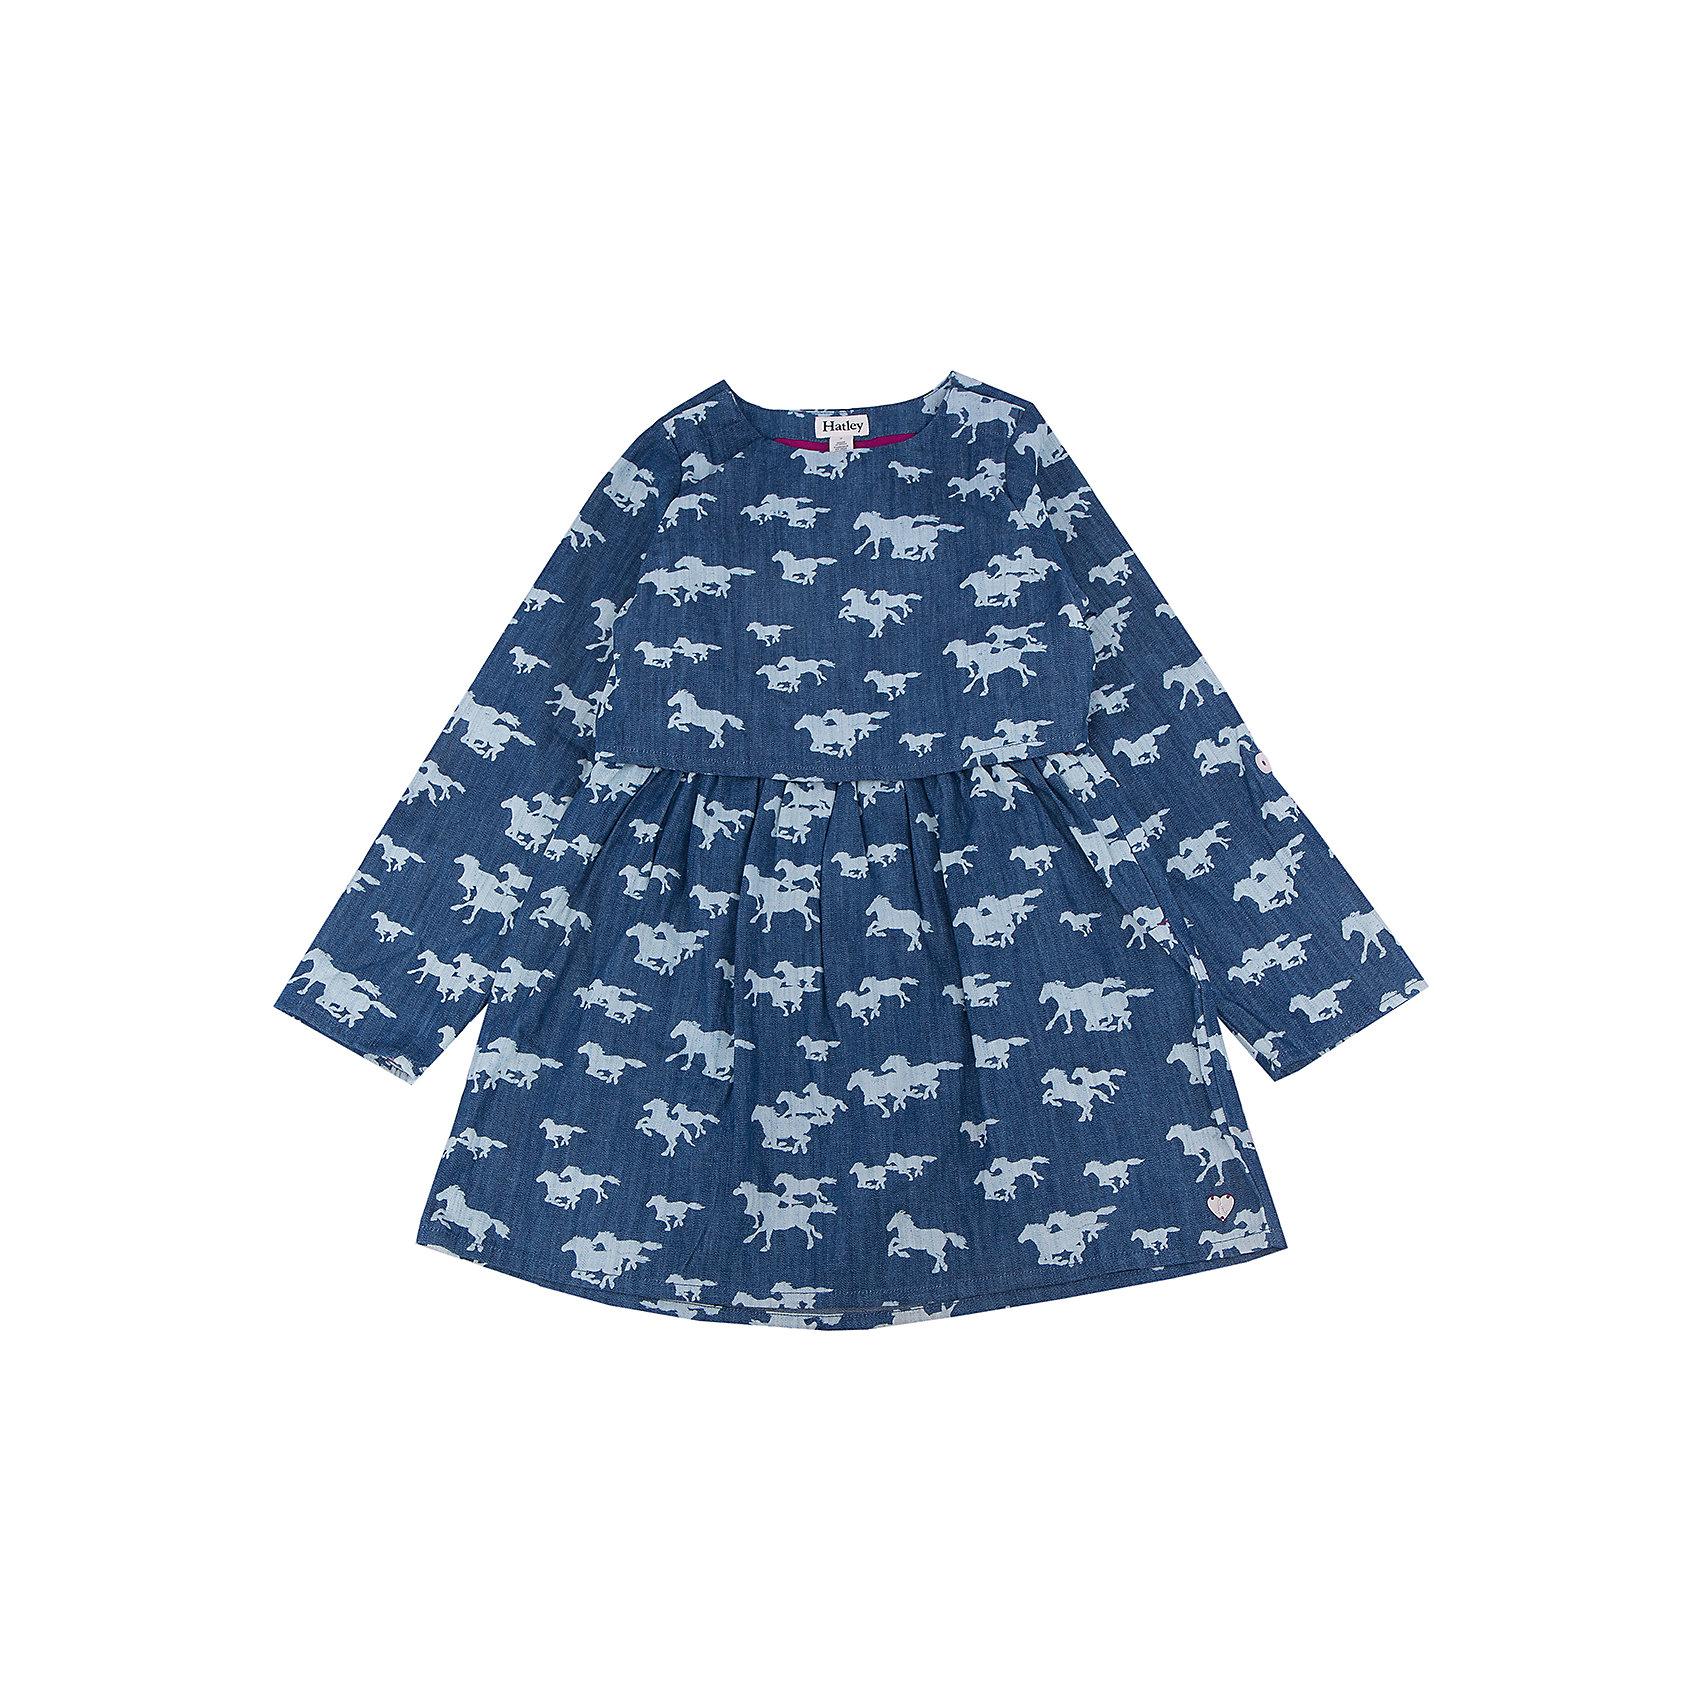 Платье для девочки HatleyПлатья и сарафаны<br>Платье для девочки Hatley<br><br>Характеристики:<br><br>• Состав: 100% хлопок<br>• Цвет: синий<br><br>Очаровательное дизайнерское платье не оставит равнодушным маленькую принцессу. Сделано из 100% хлопка, а значит не принесет дискомфорт ребенку. Рукава можно подворачивать и прикреплять за пуговку. Платье сделано по типу: юбка + пиджак, что делает юную леди взрослой и очень стильной. Милый принт с яблочками идеально сочетается с любой обувью и колготками.<br><br>Платье для девочки Hatley можно купить в нашем интернет-магазине.<br><br>Ширина мм: 236<br>Глубина мм: 16<br>Высота мм: 184<br>Вес г: 177<br>Цвет: синий<br>Возраст от месяцев: 36<br>Возраст до месяцев: 48<br>Пол: Женский<br>Возраст: Детский<br>Размер: 104,122,128,110,116<br>SKU: 5020840